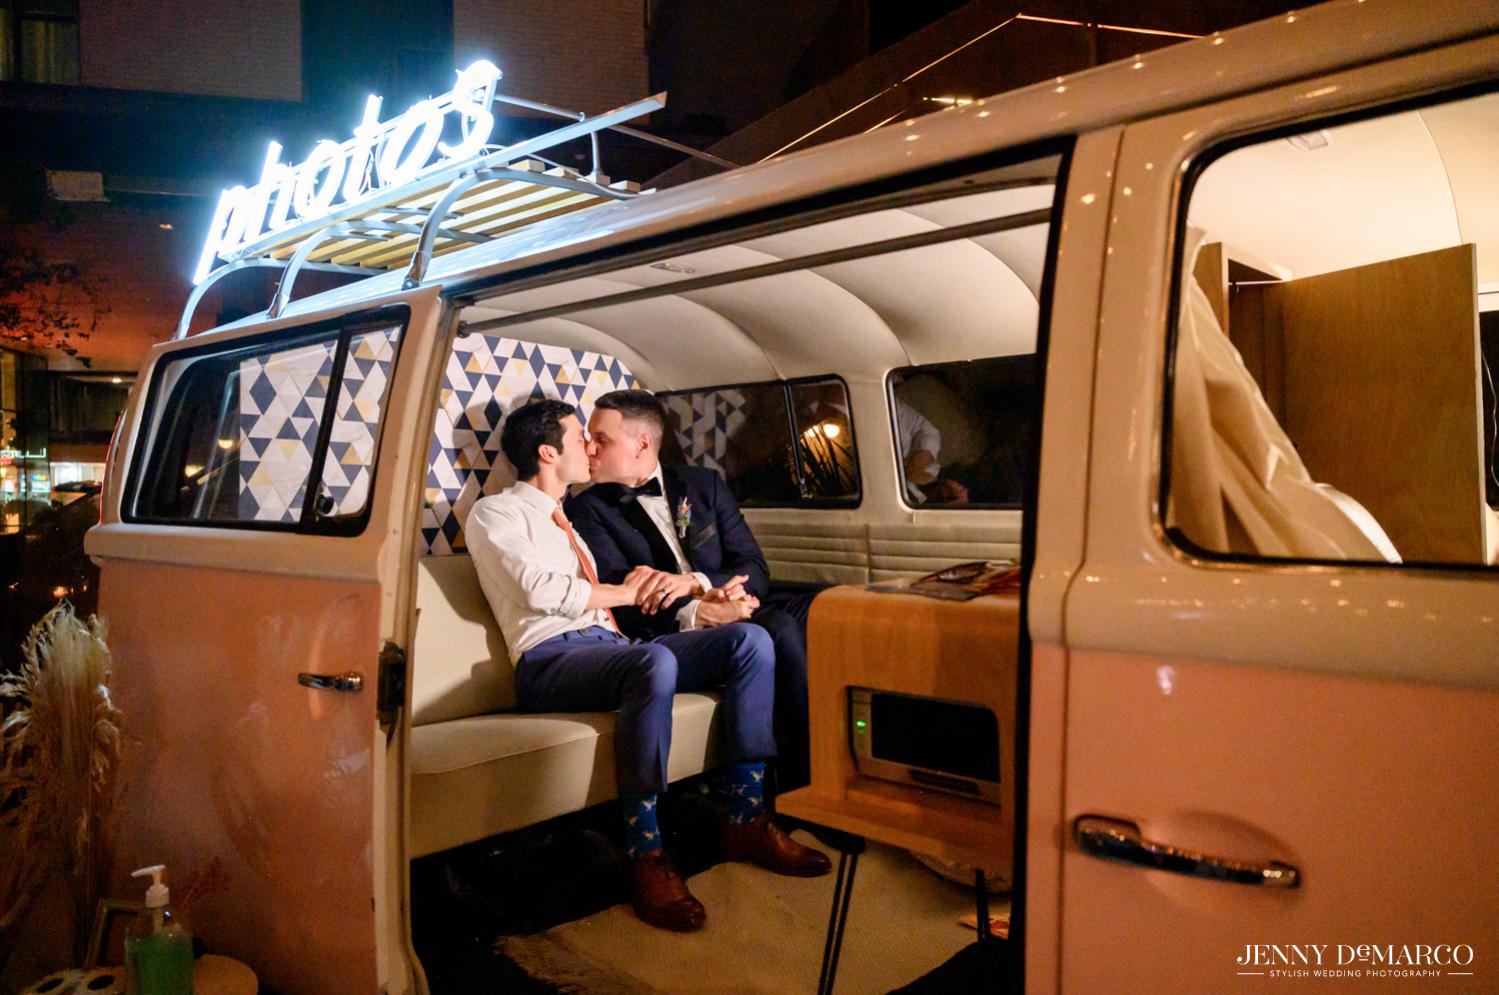 Grooms kissing in Volkswagen kick van photo booth